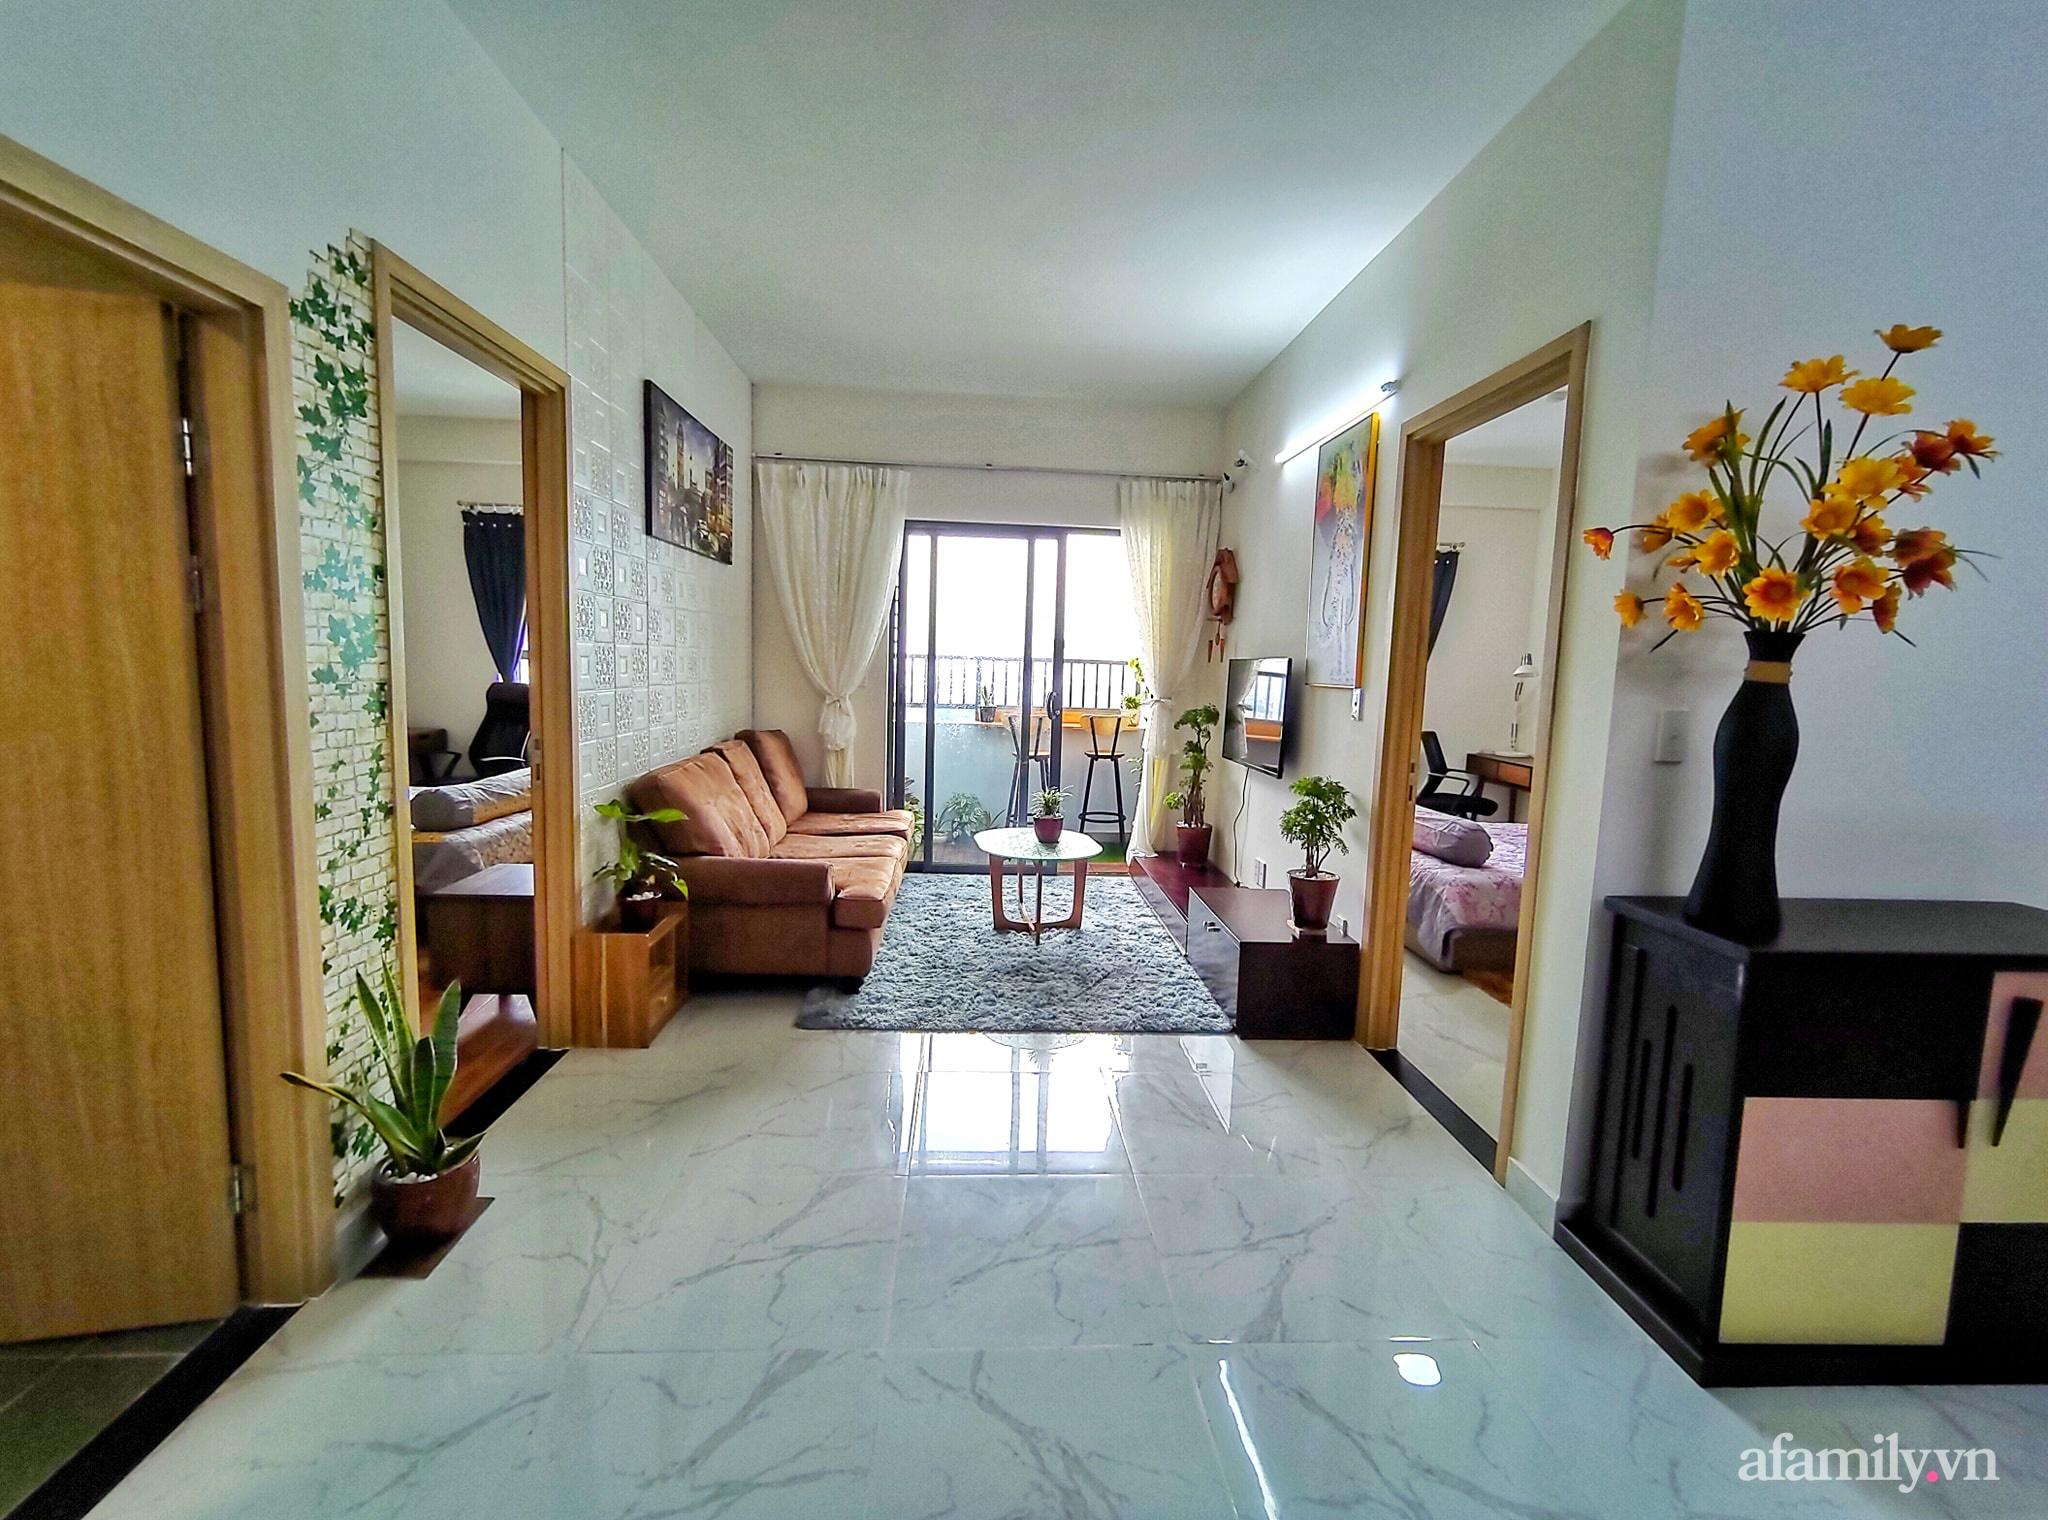 Căn hộ 70m² xanh tươi và ngập tràn ánh sáng với tổng chi phí đầu tư chỉ 46 triệu đồng của chàng trai độc thân ở Sài Gòn - Ảnh 2.